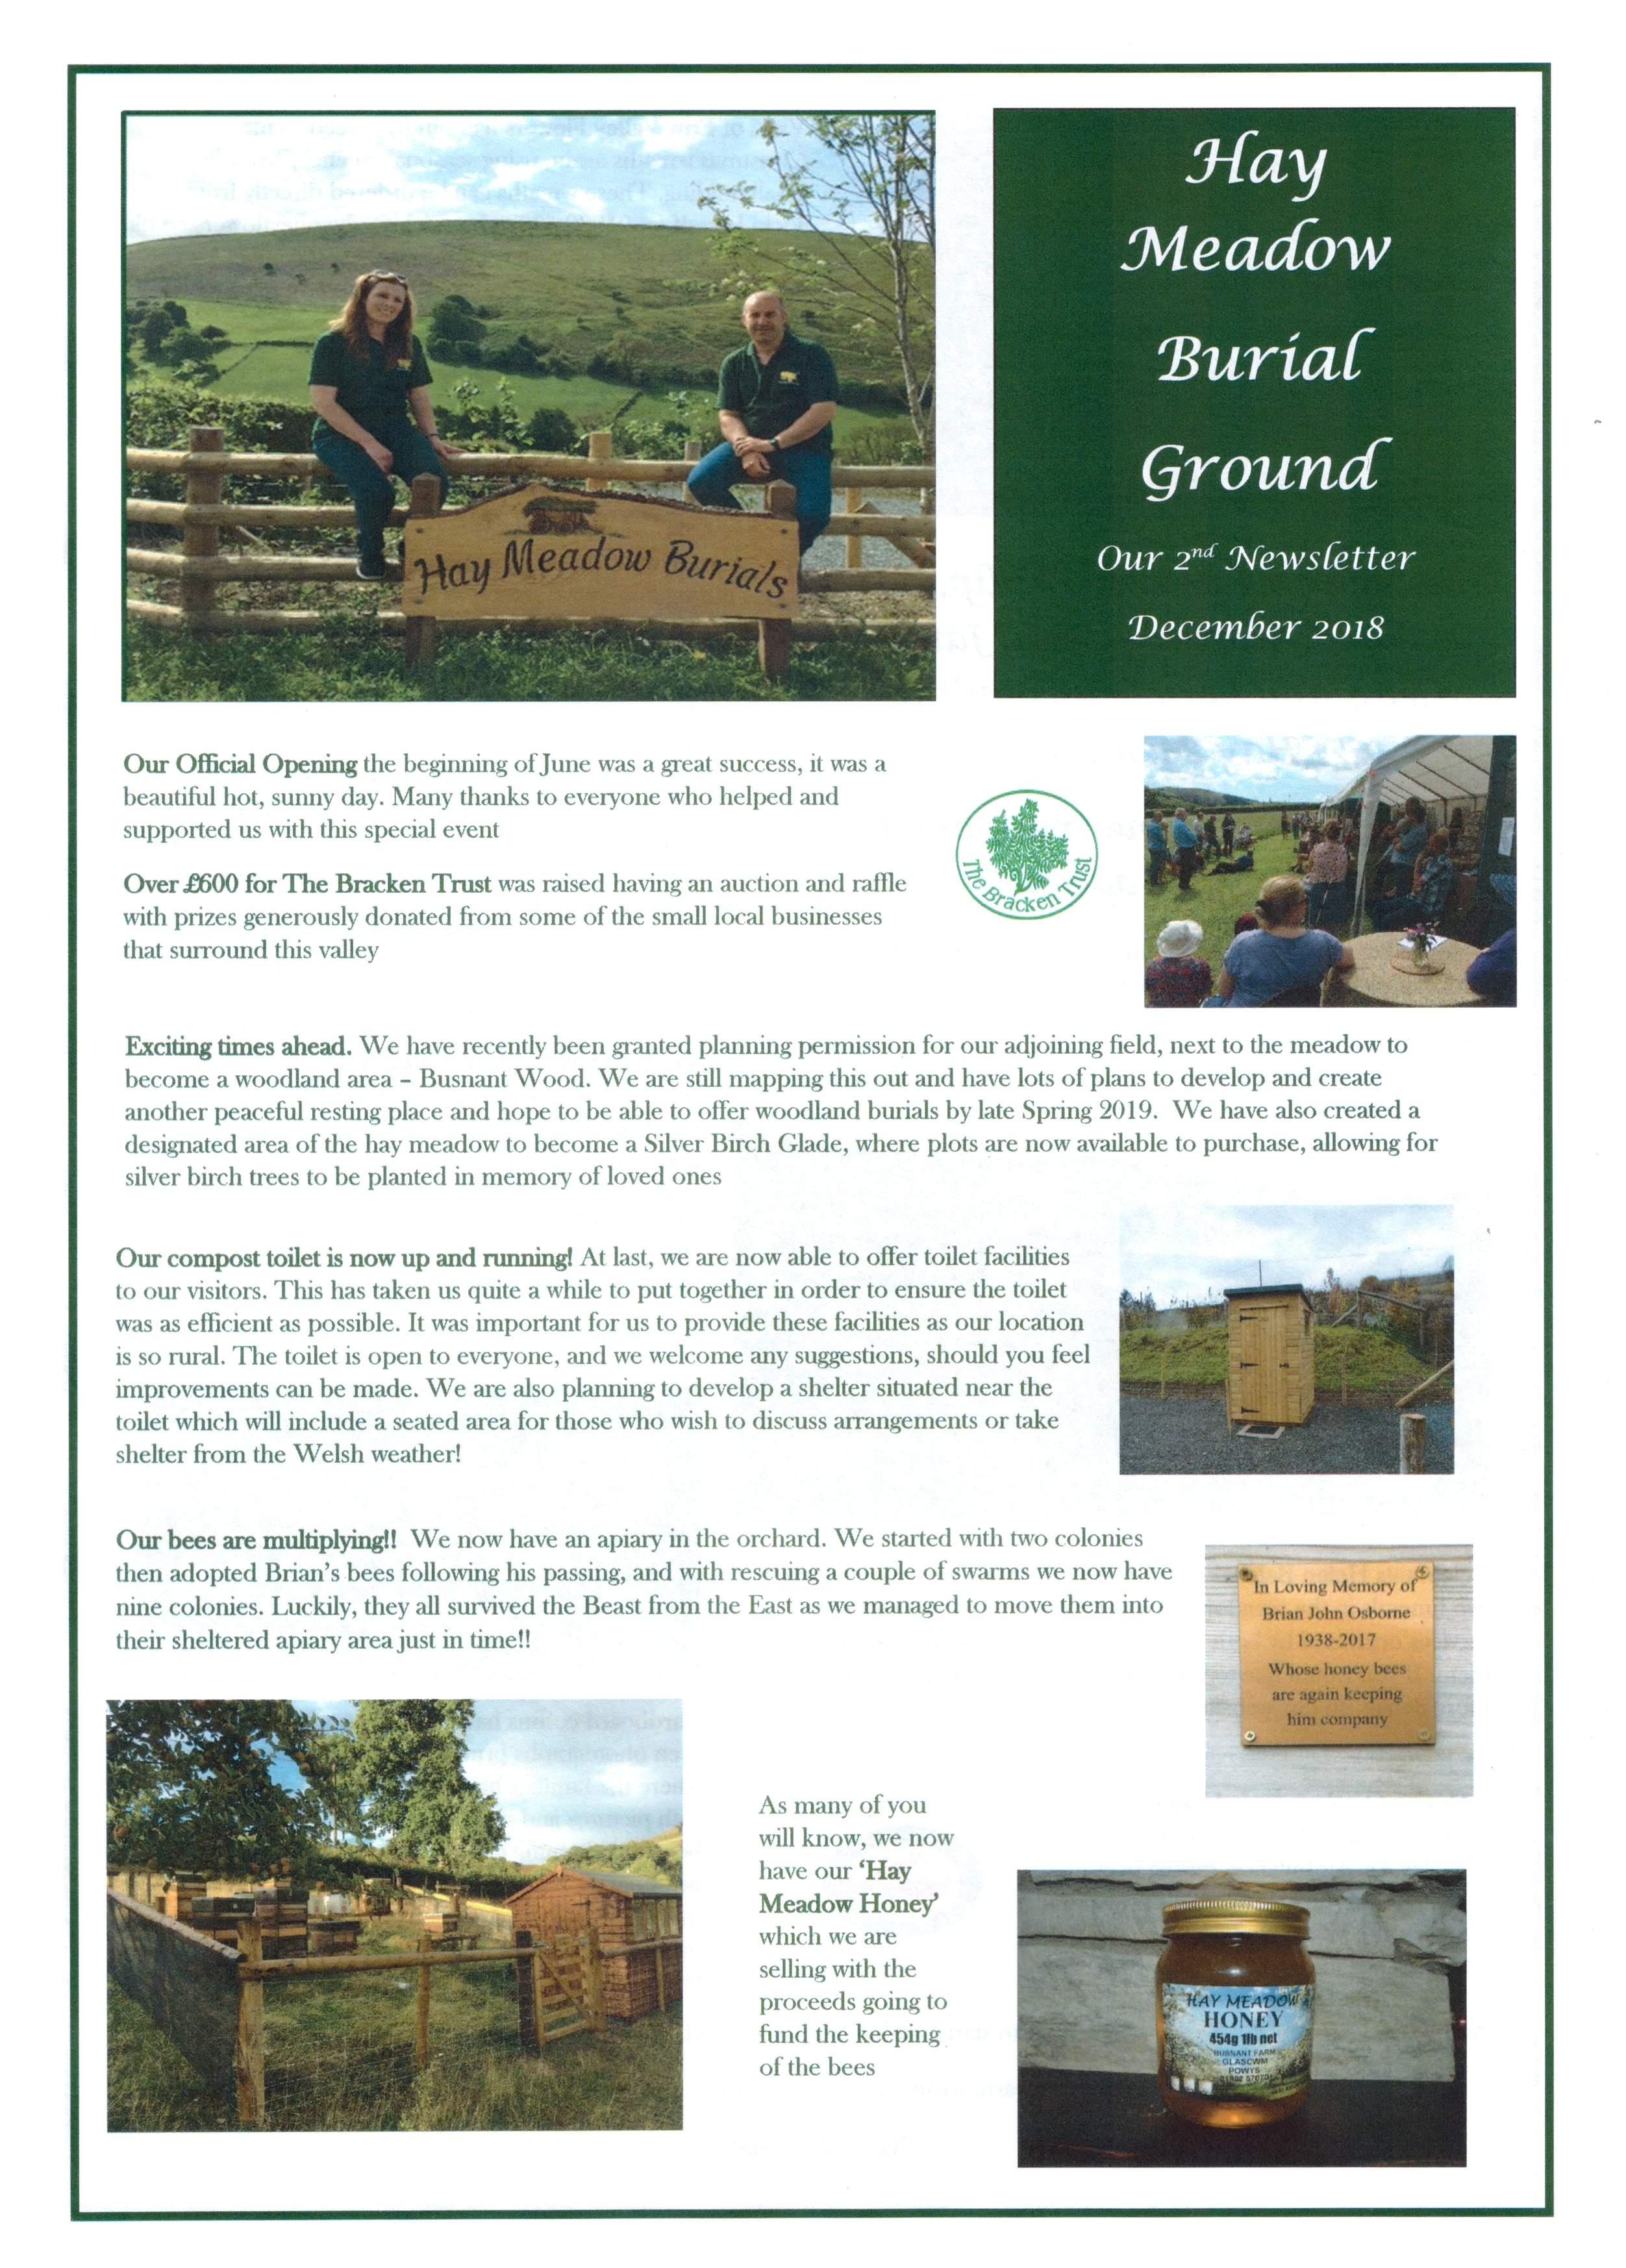 Hay meadow burials